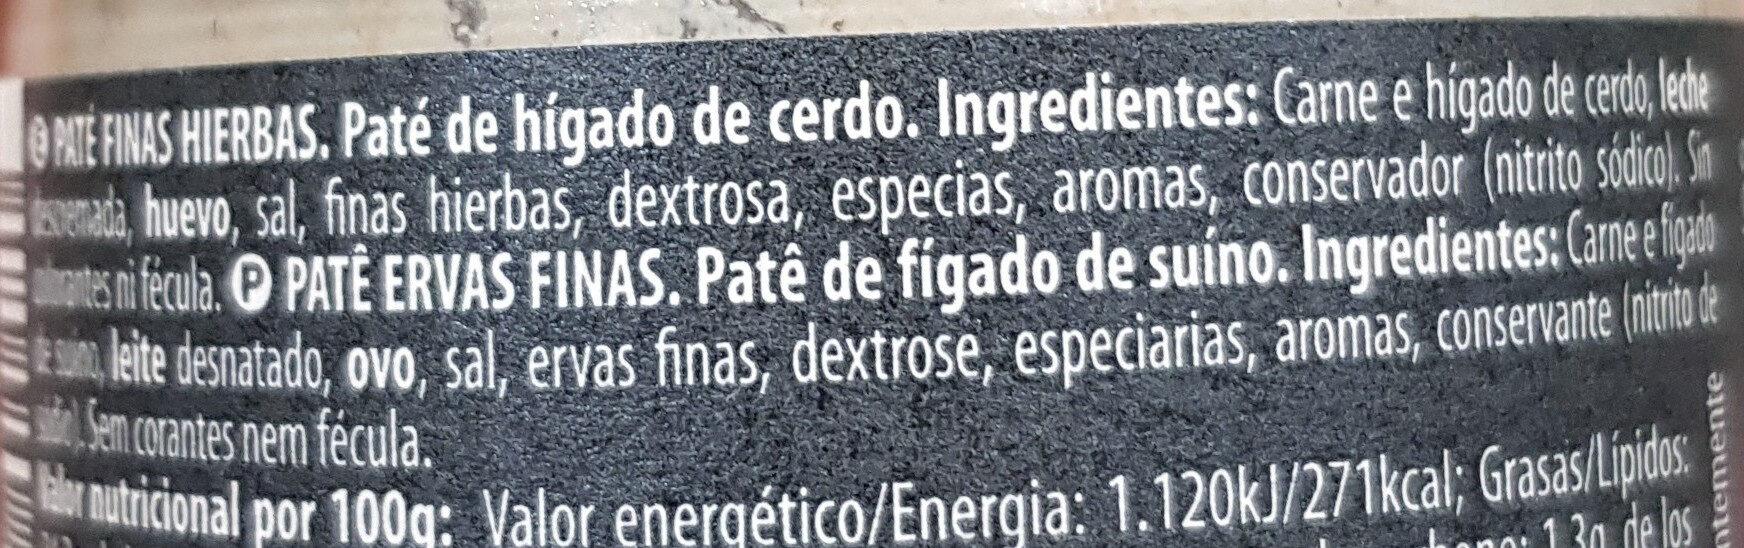 Finas Hierbas - Ingrédients - es